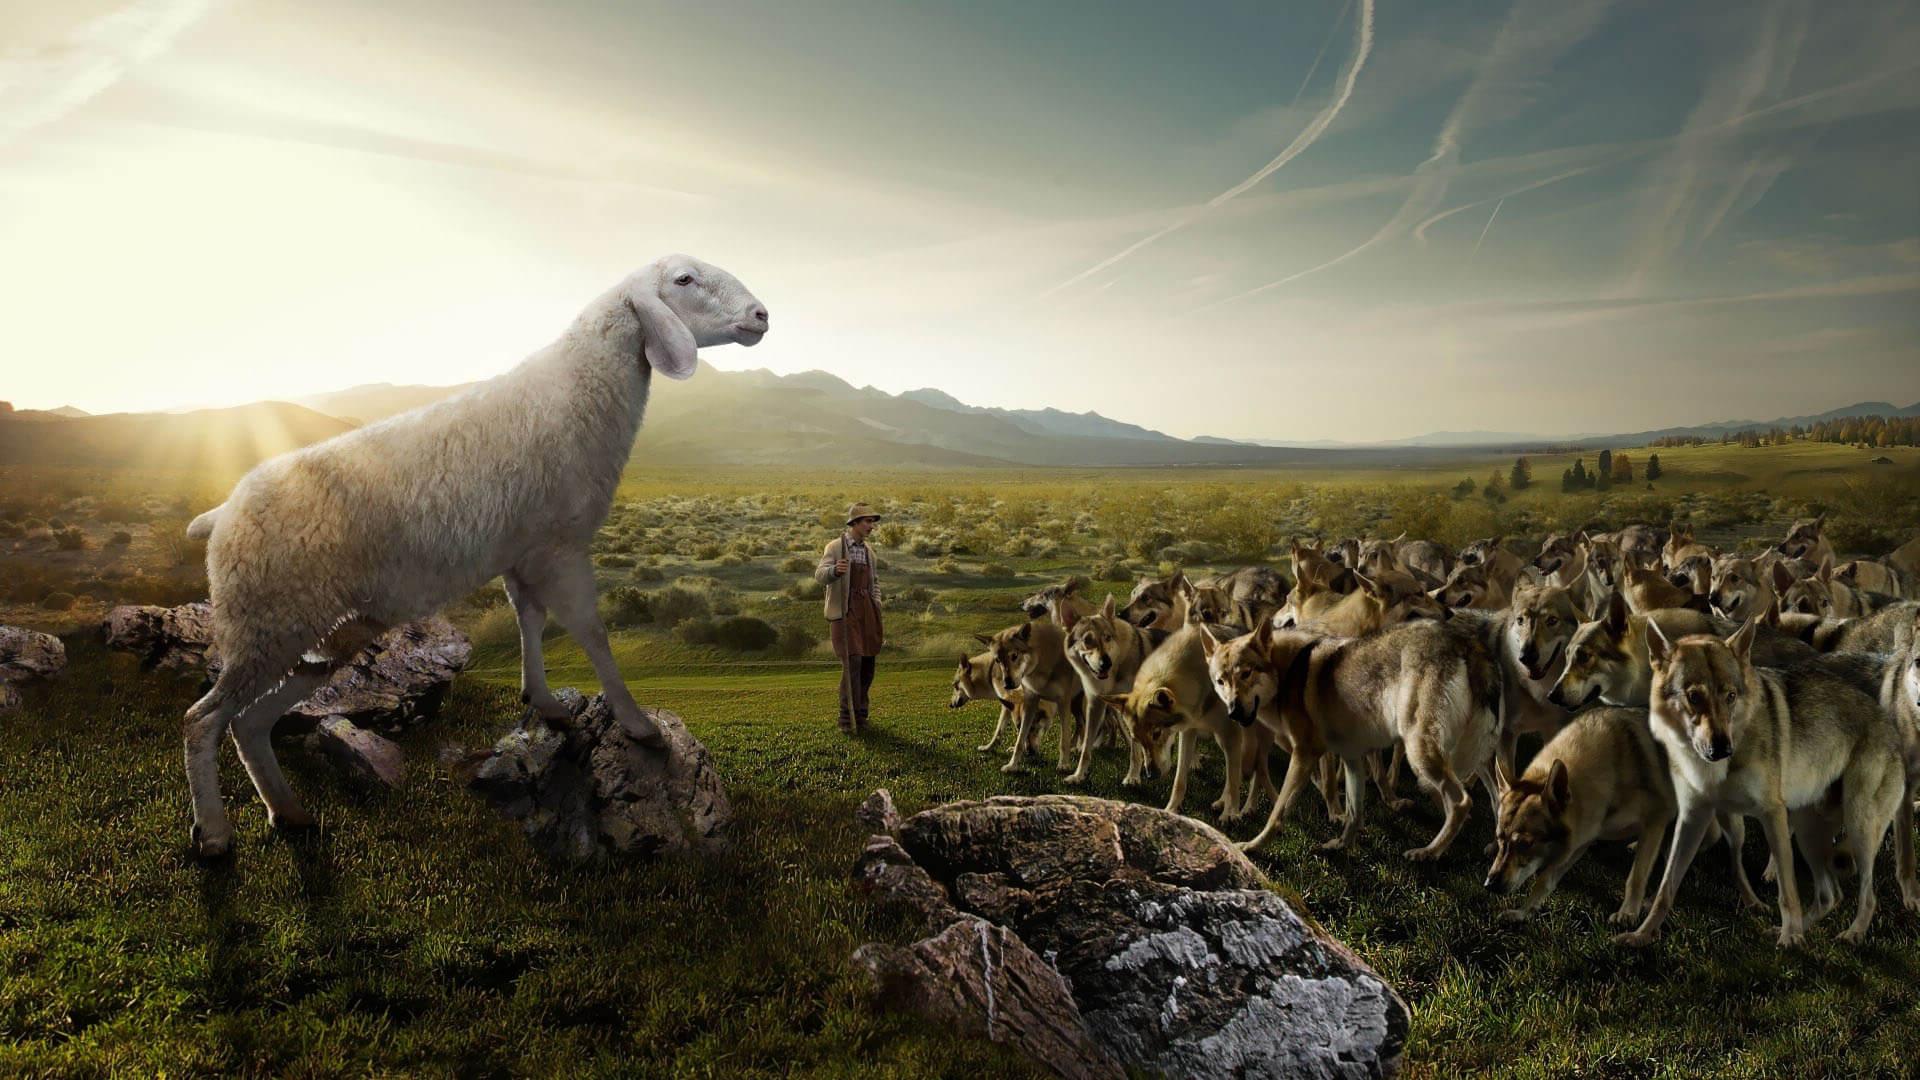 """Hari Biasa, Minggu Biasa Xxviii. """"Sesungguhnya Aku Mengutus pertaining to Gambar Domba Hd"""